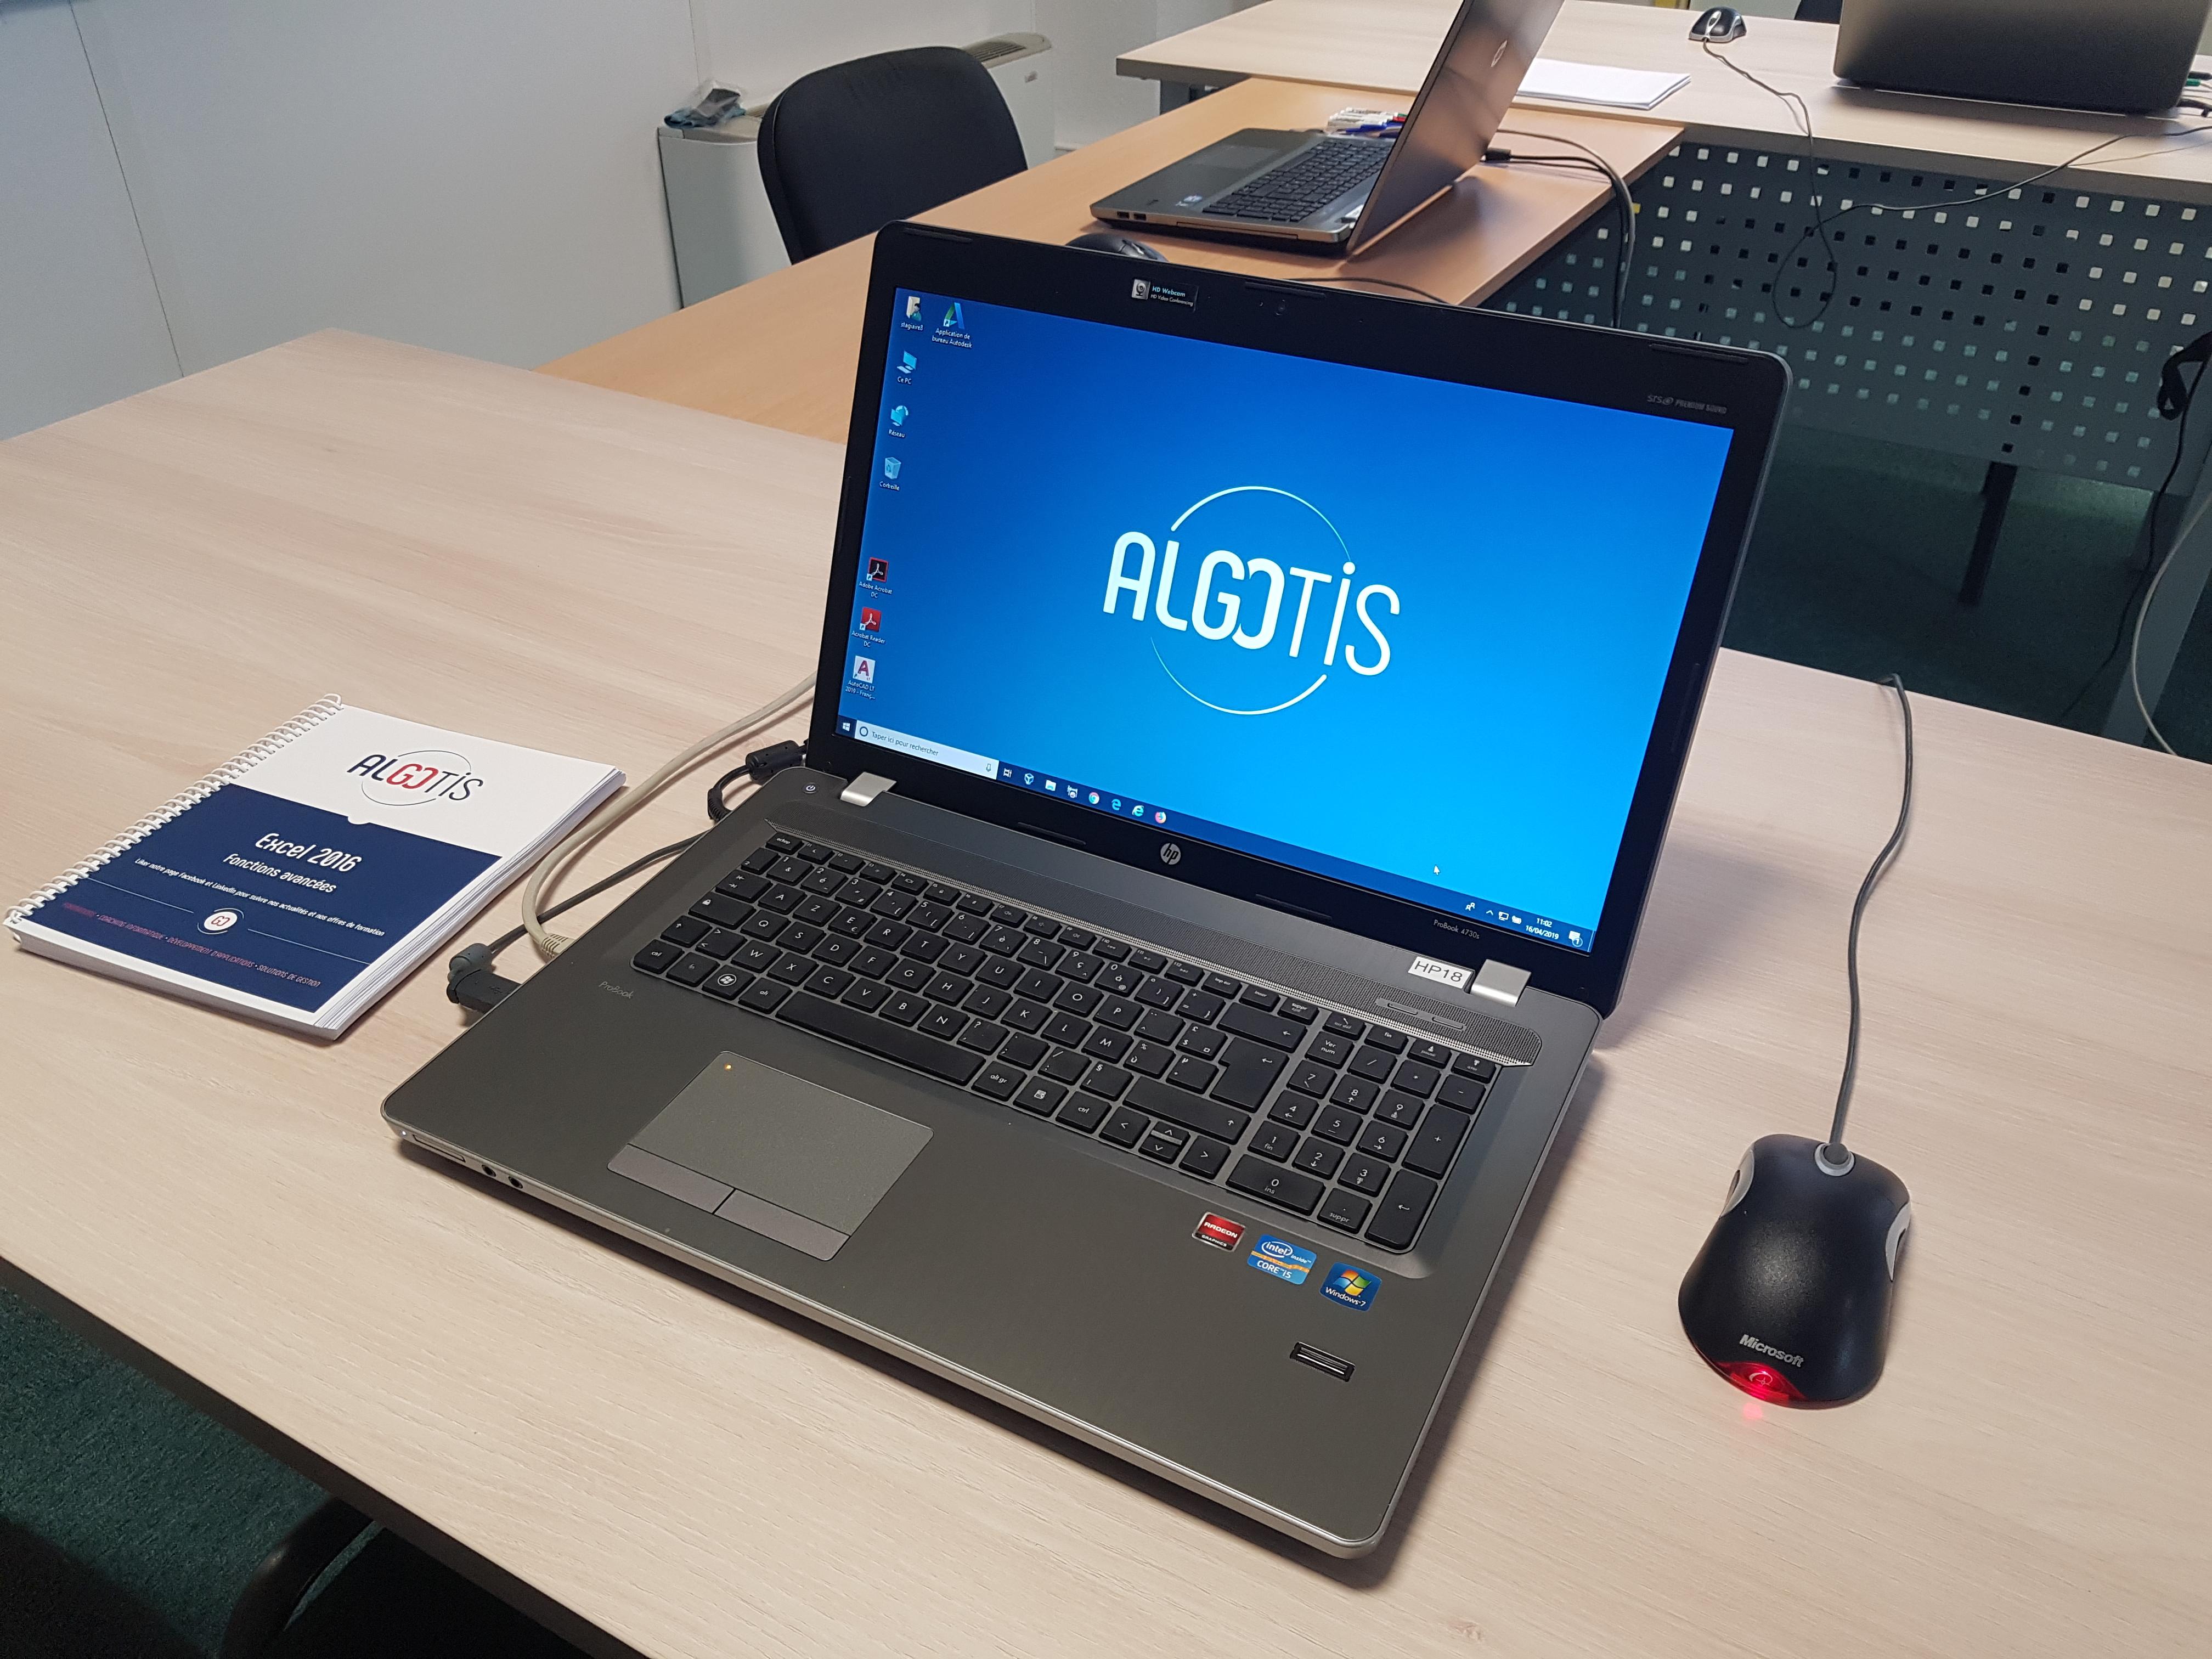 Algotis-ordinateur